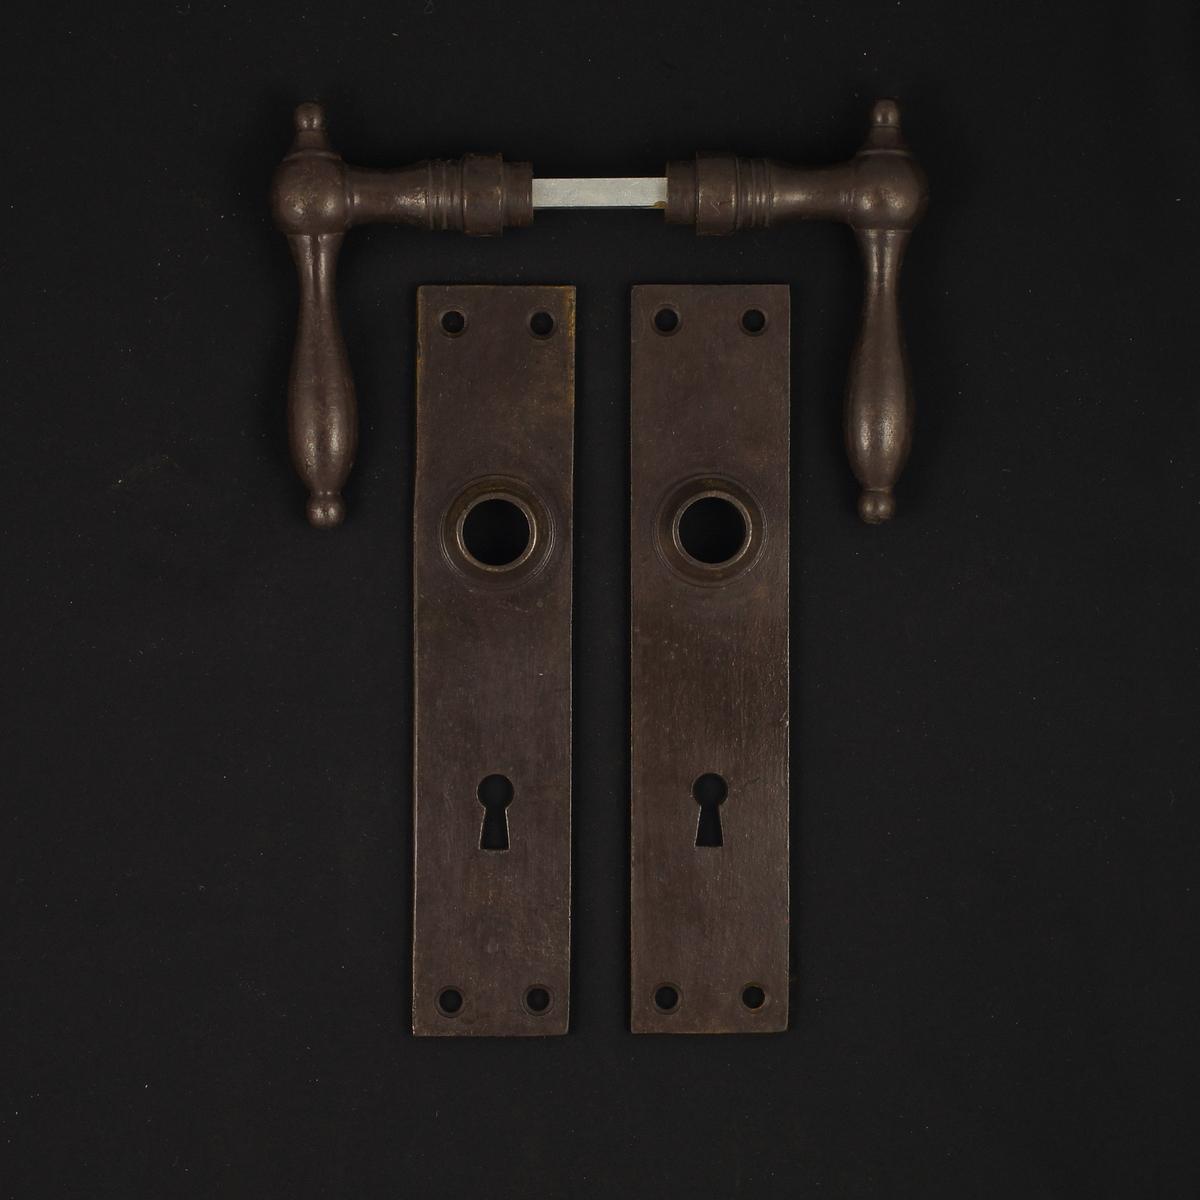 322.0023.60 Zimmertür Langschildgarnitur - antike Türdrücker, Türklinken, Türbeschläge